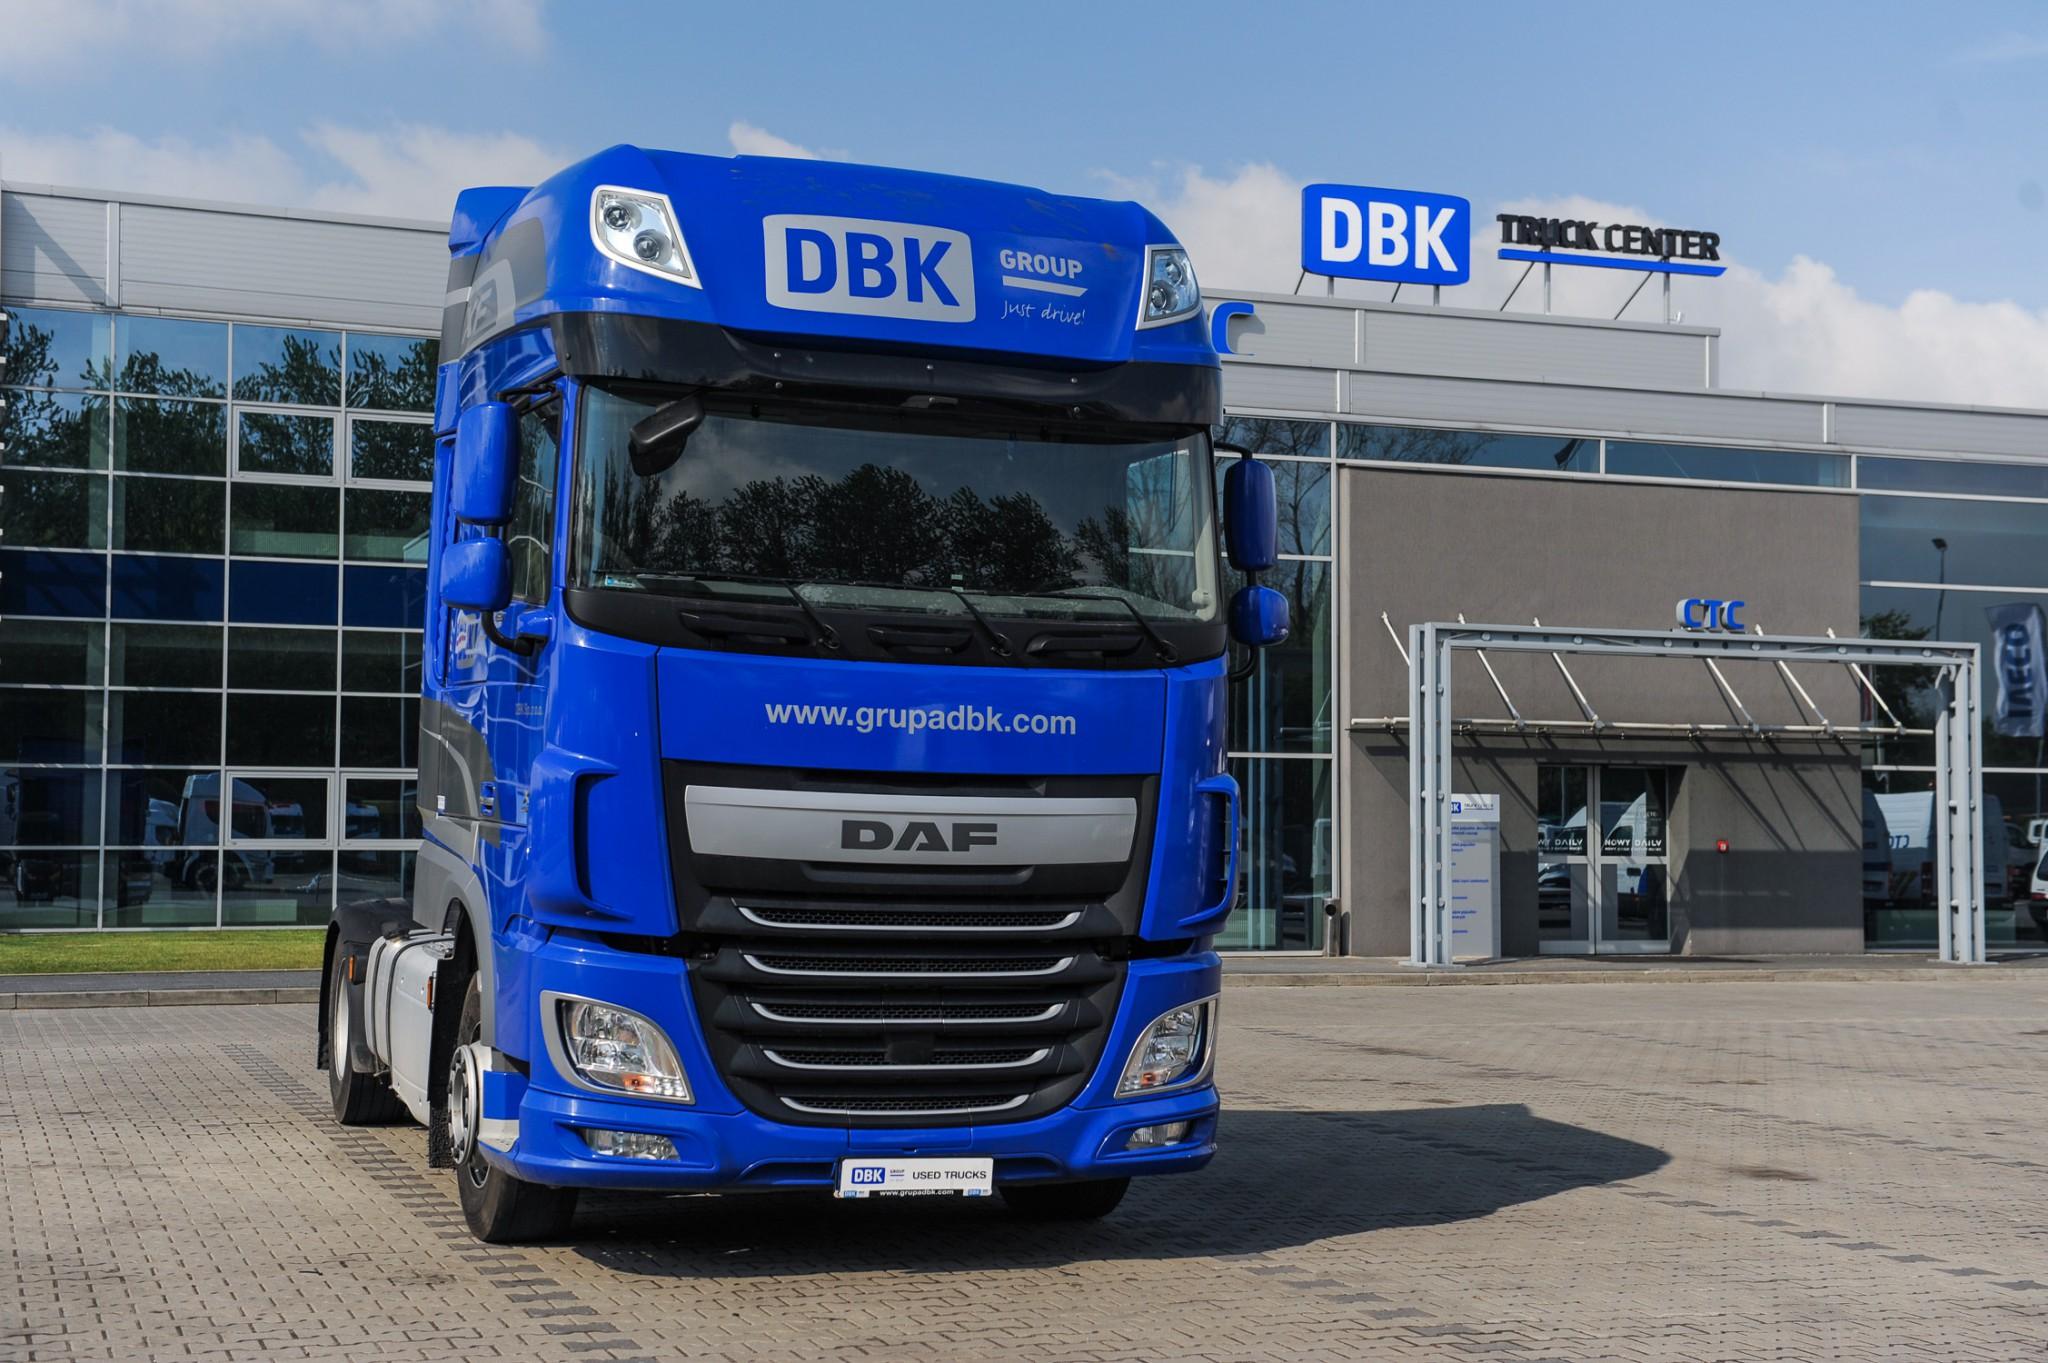 DBK - finansowanie pojazdów, leasing samochodów dostawczych